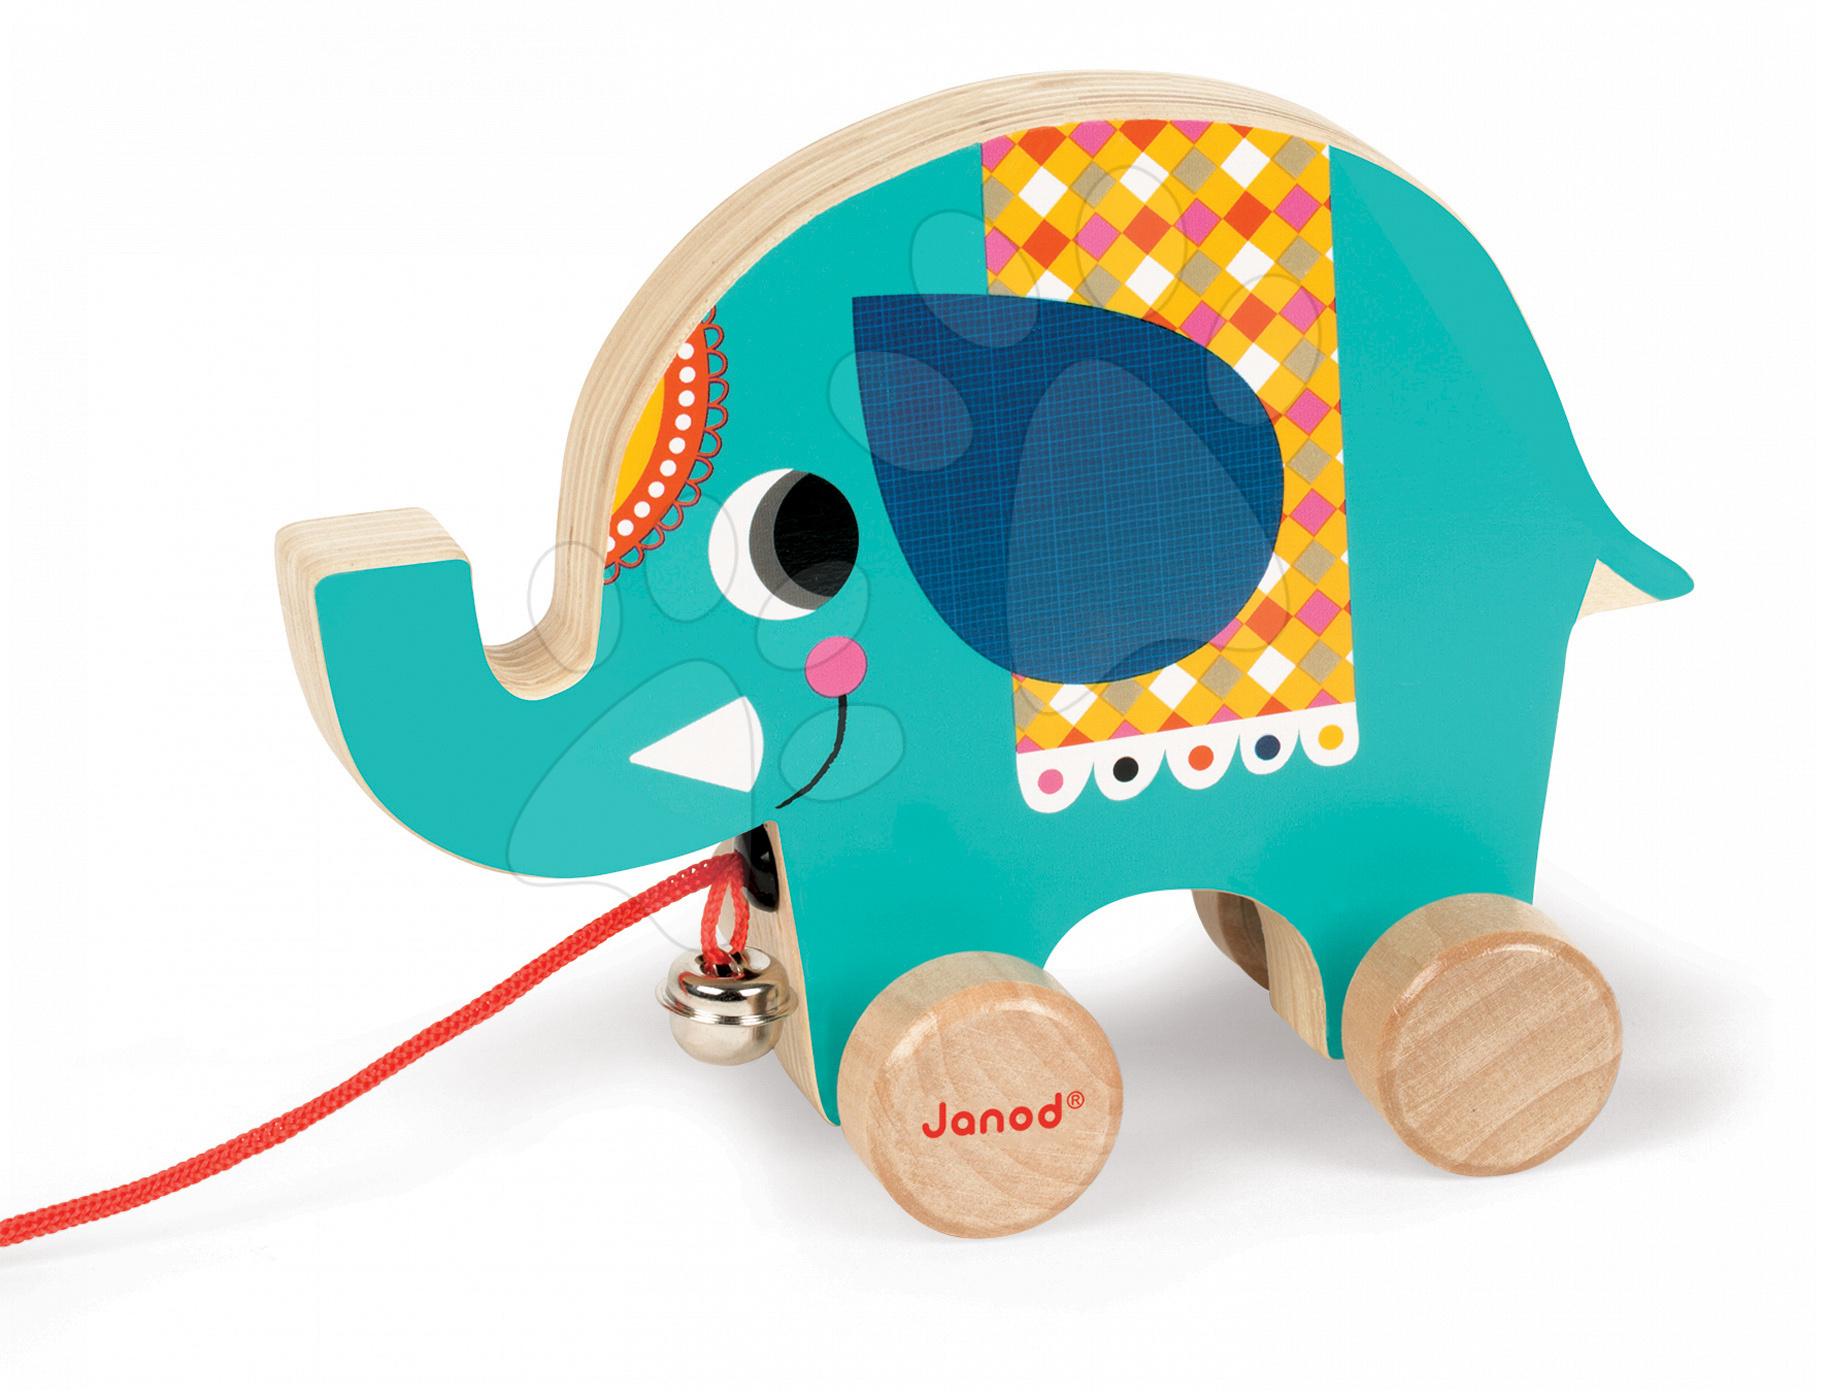 Dřevěný slon Janod zvířátko z cirkusu na tahání se zvonkem od 12 měsíců